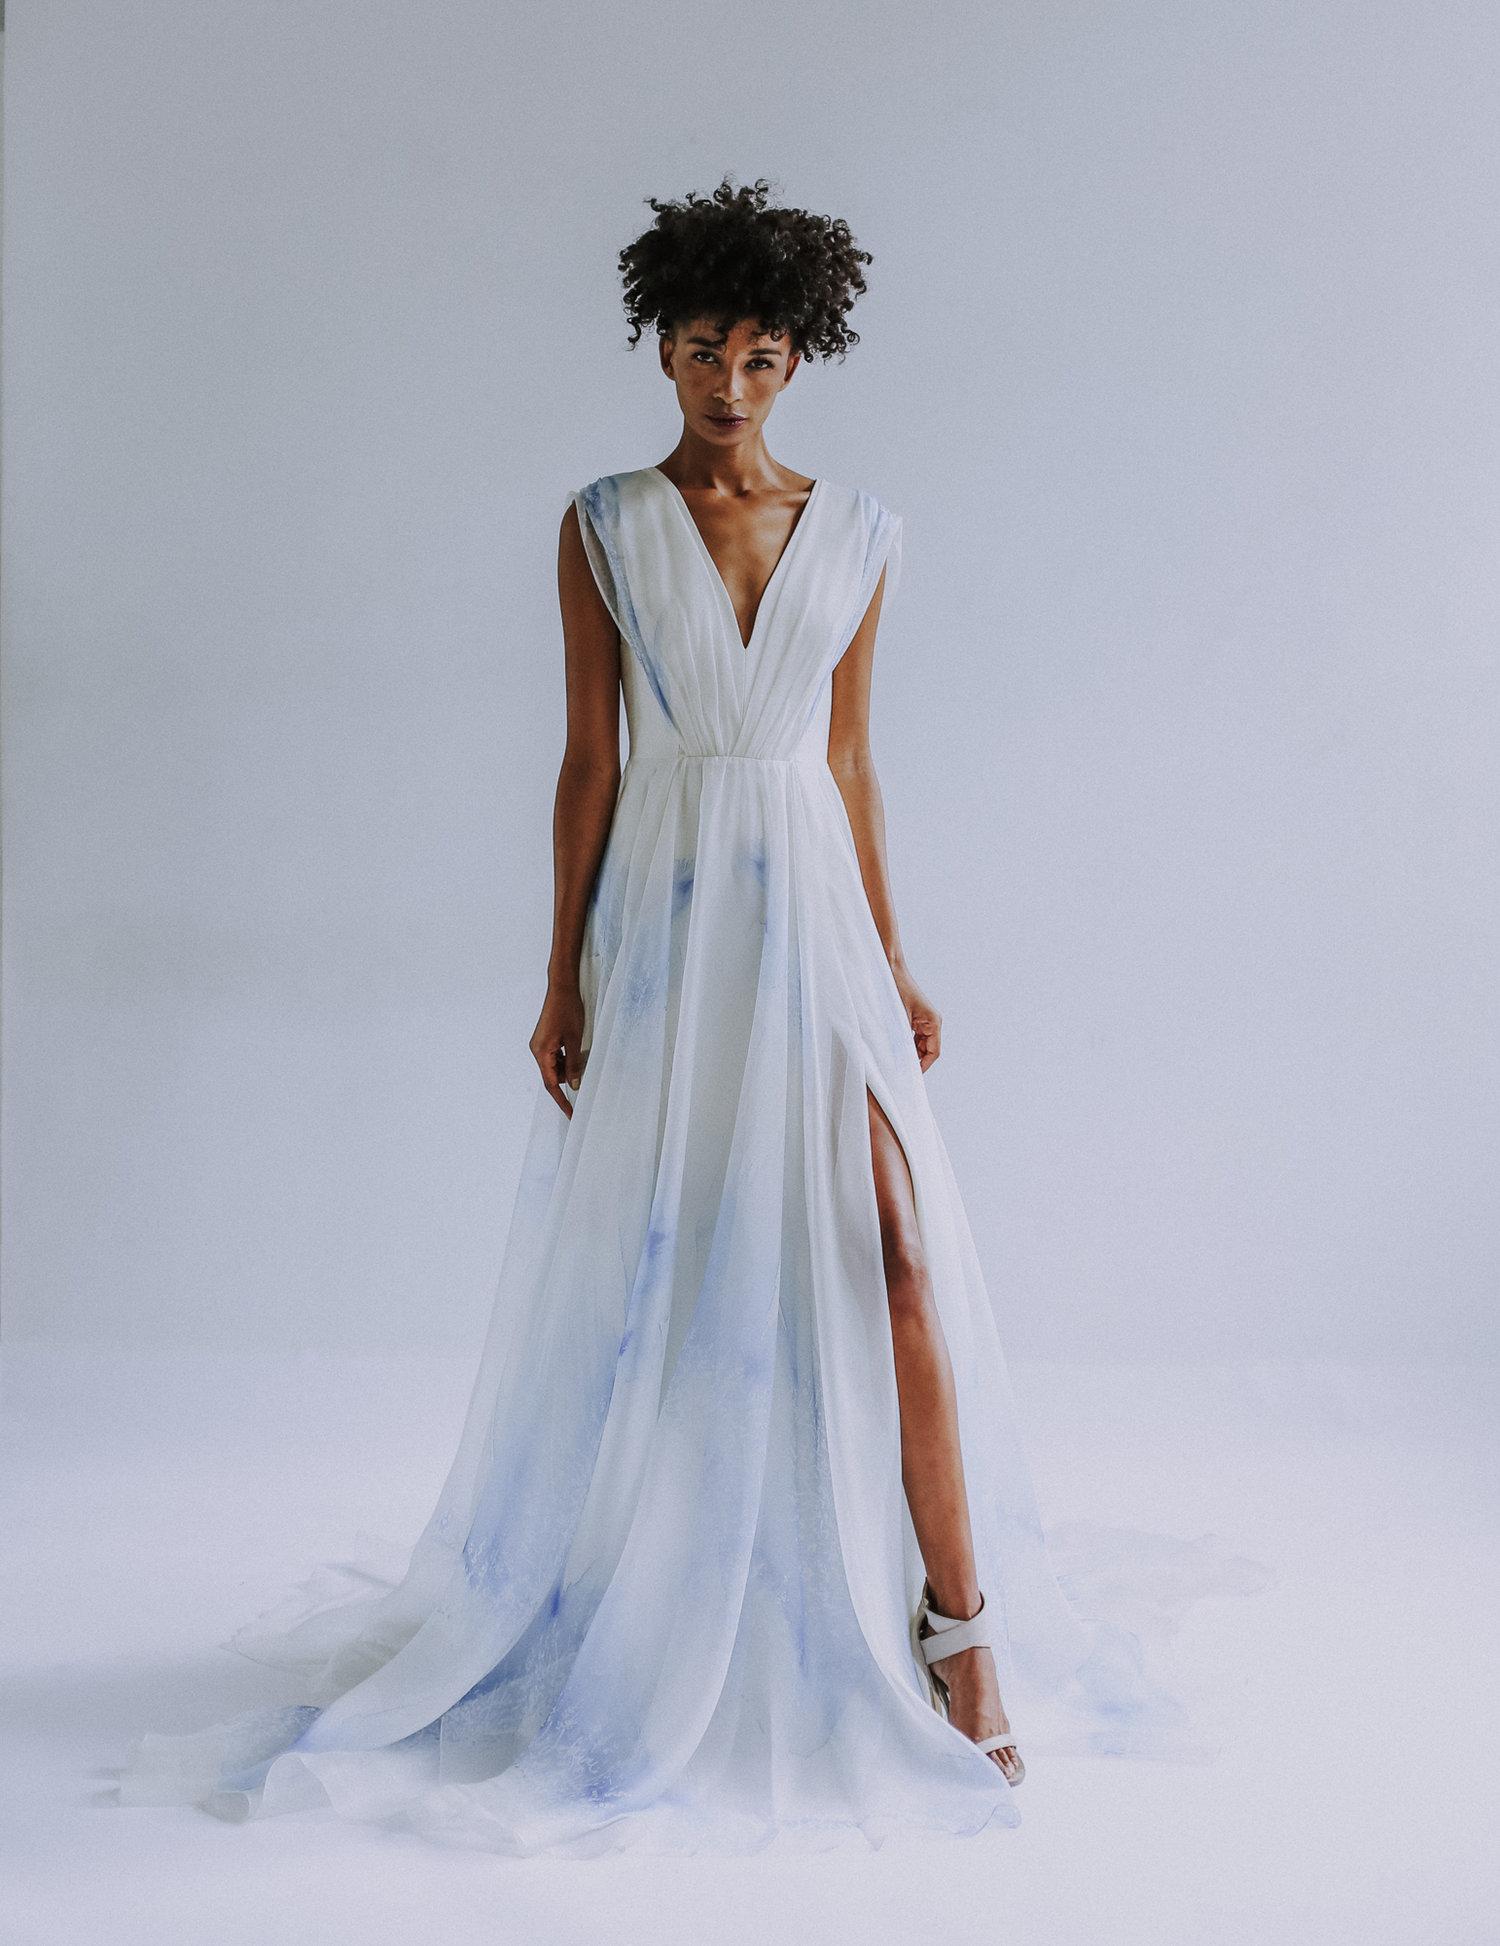 Dubois Gown Leanne Marshall